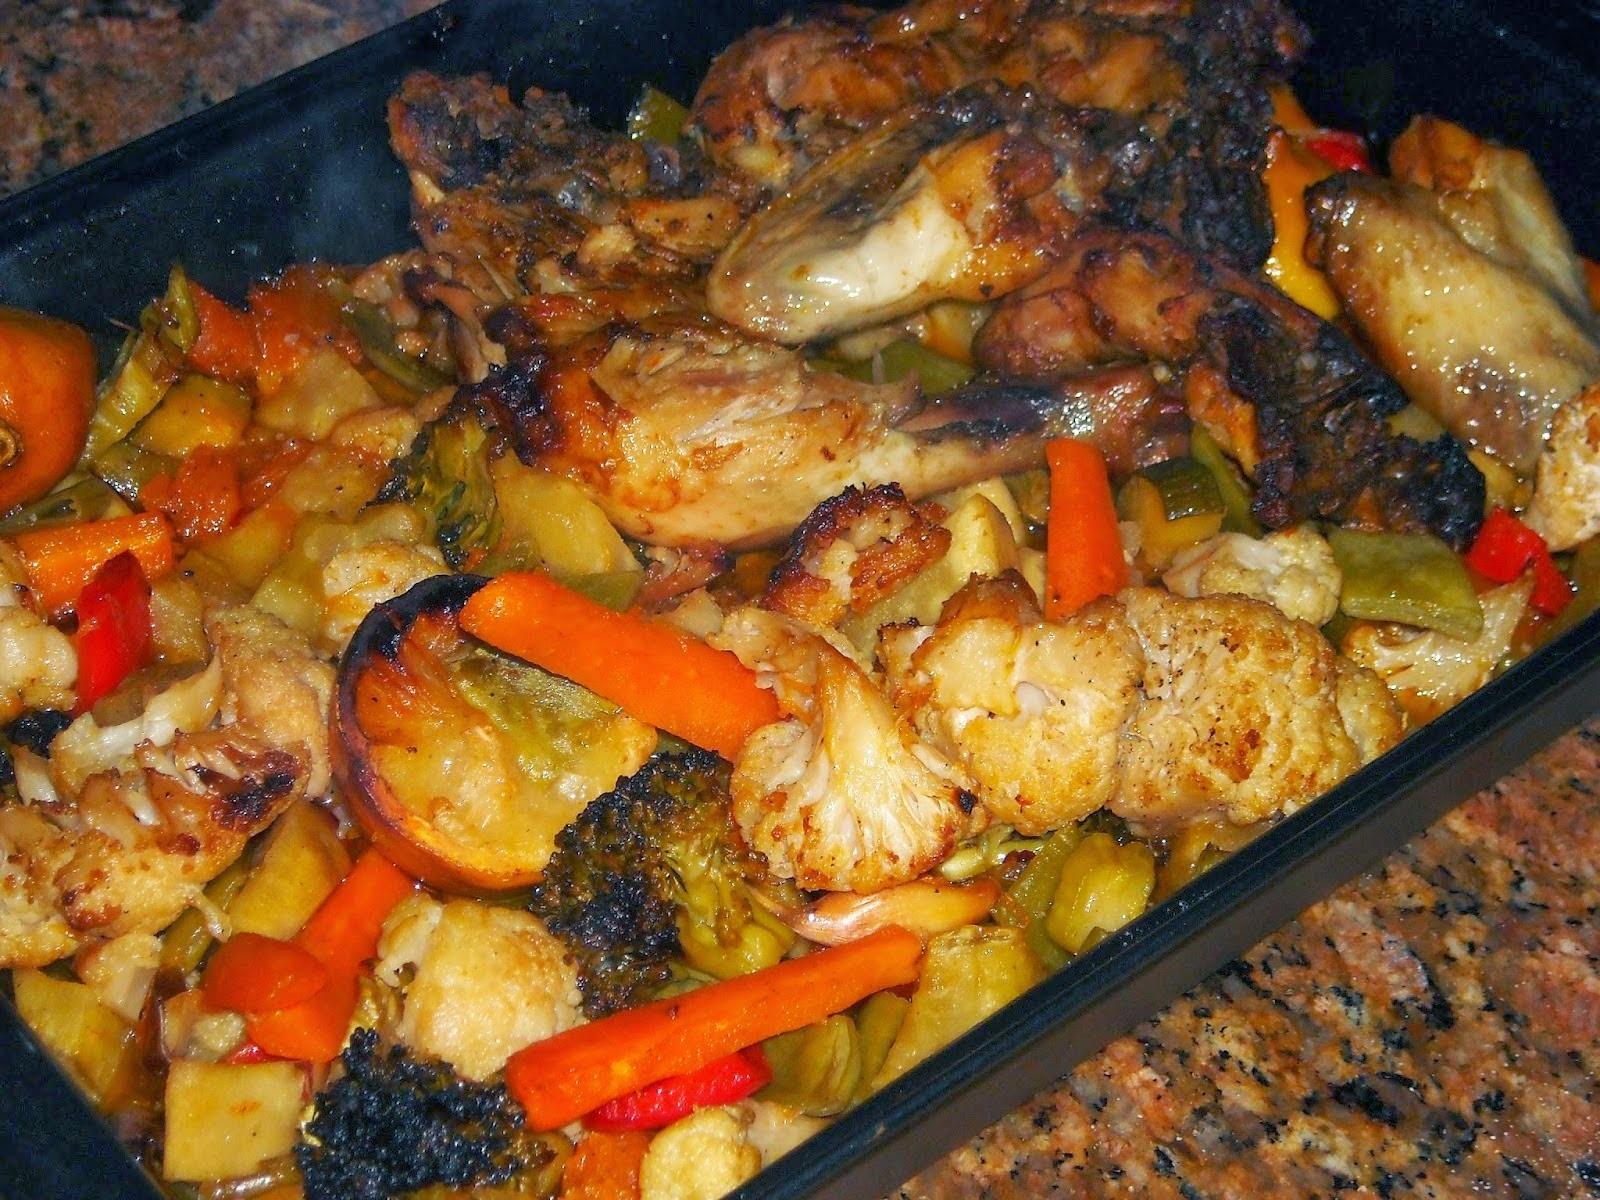 de frango assado em pedaços no forno